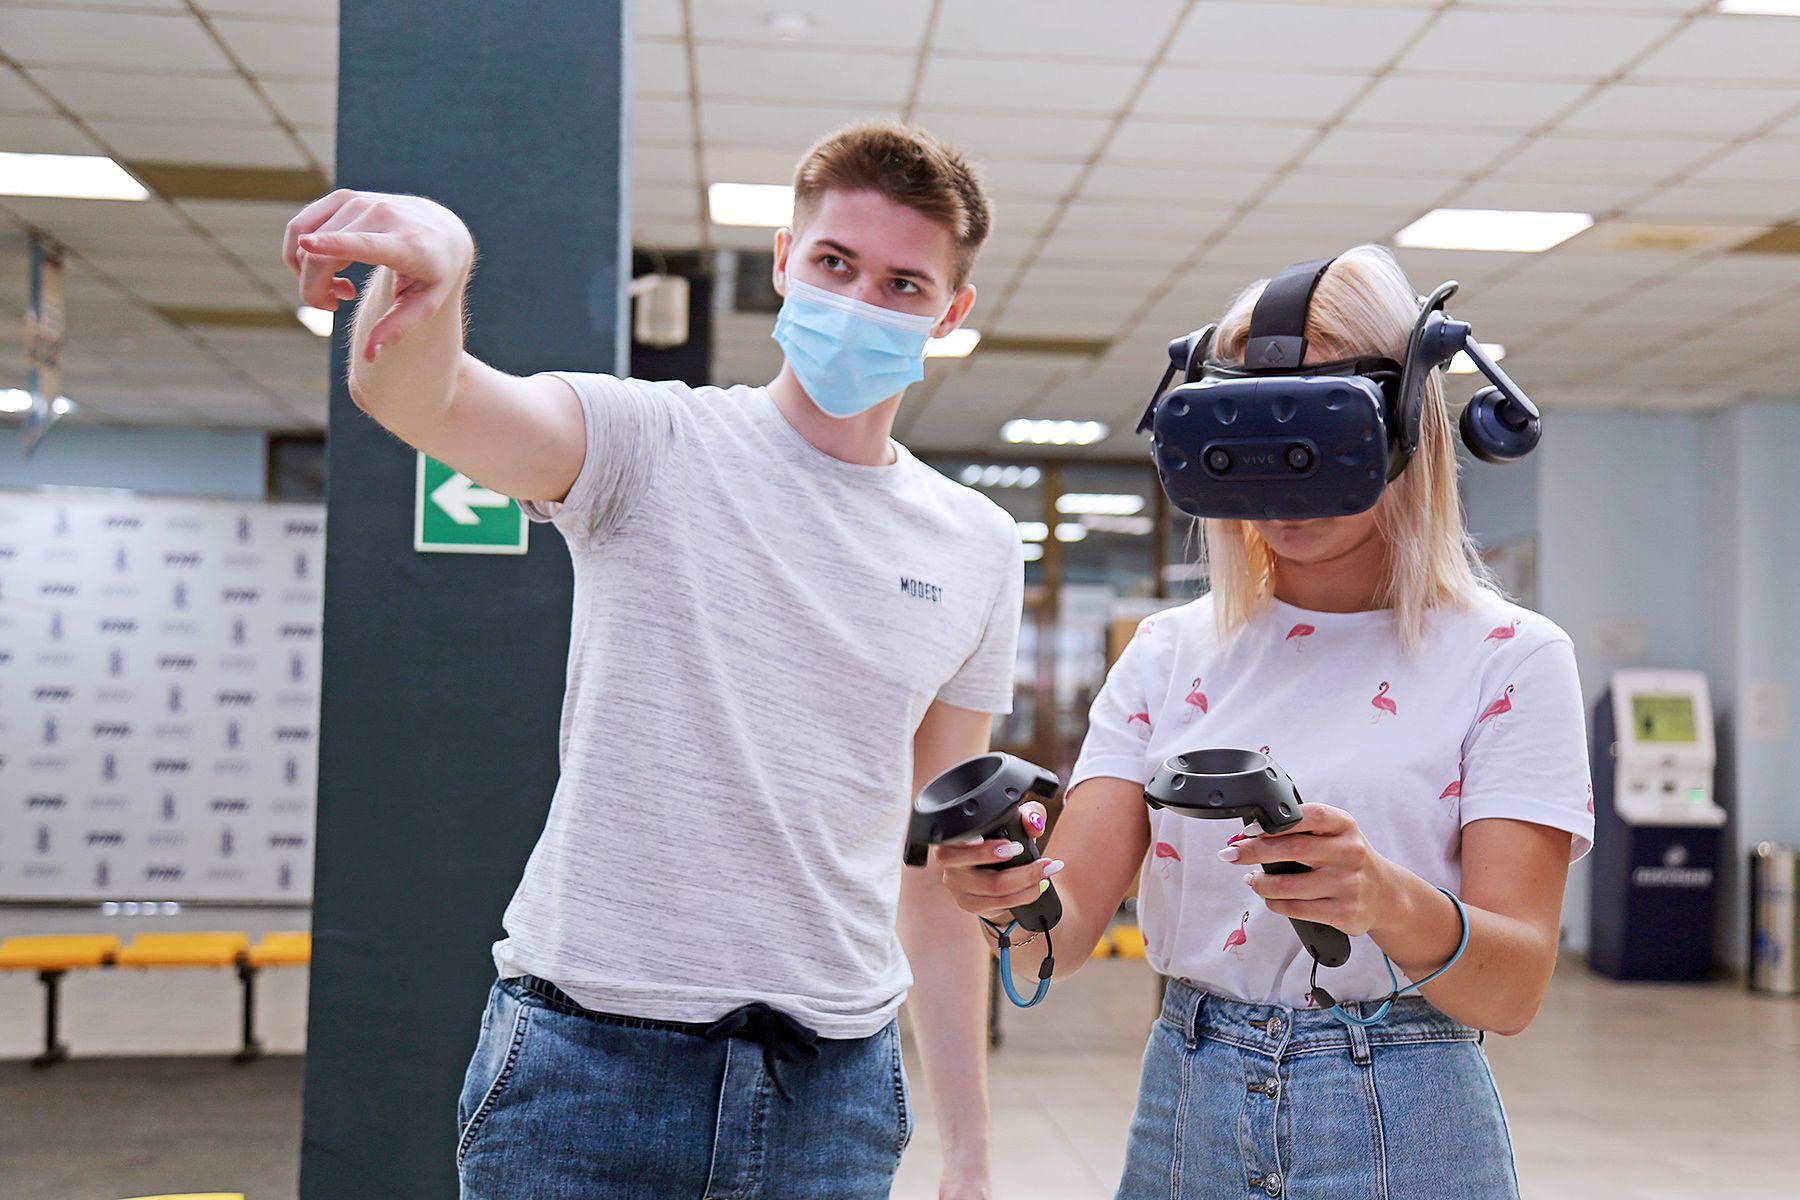 Прорыв в образовательных технологиях на Дальнем Востоке: во ВГУЭС протестировали первый VR-тренажер